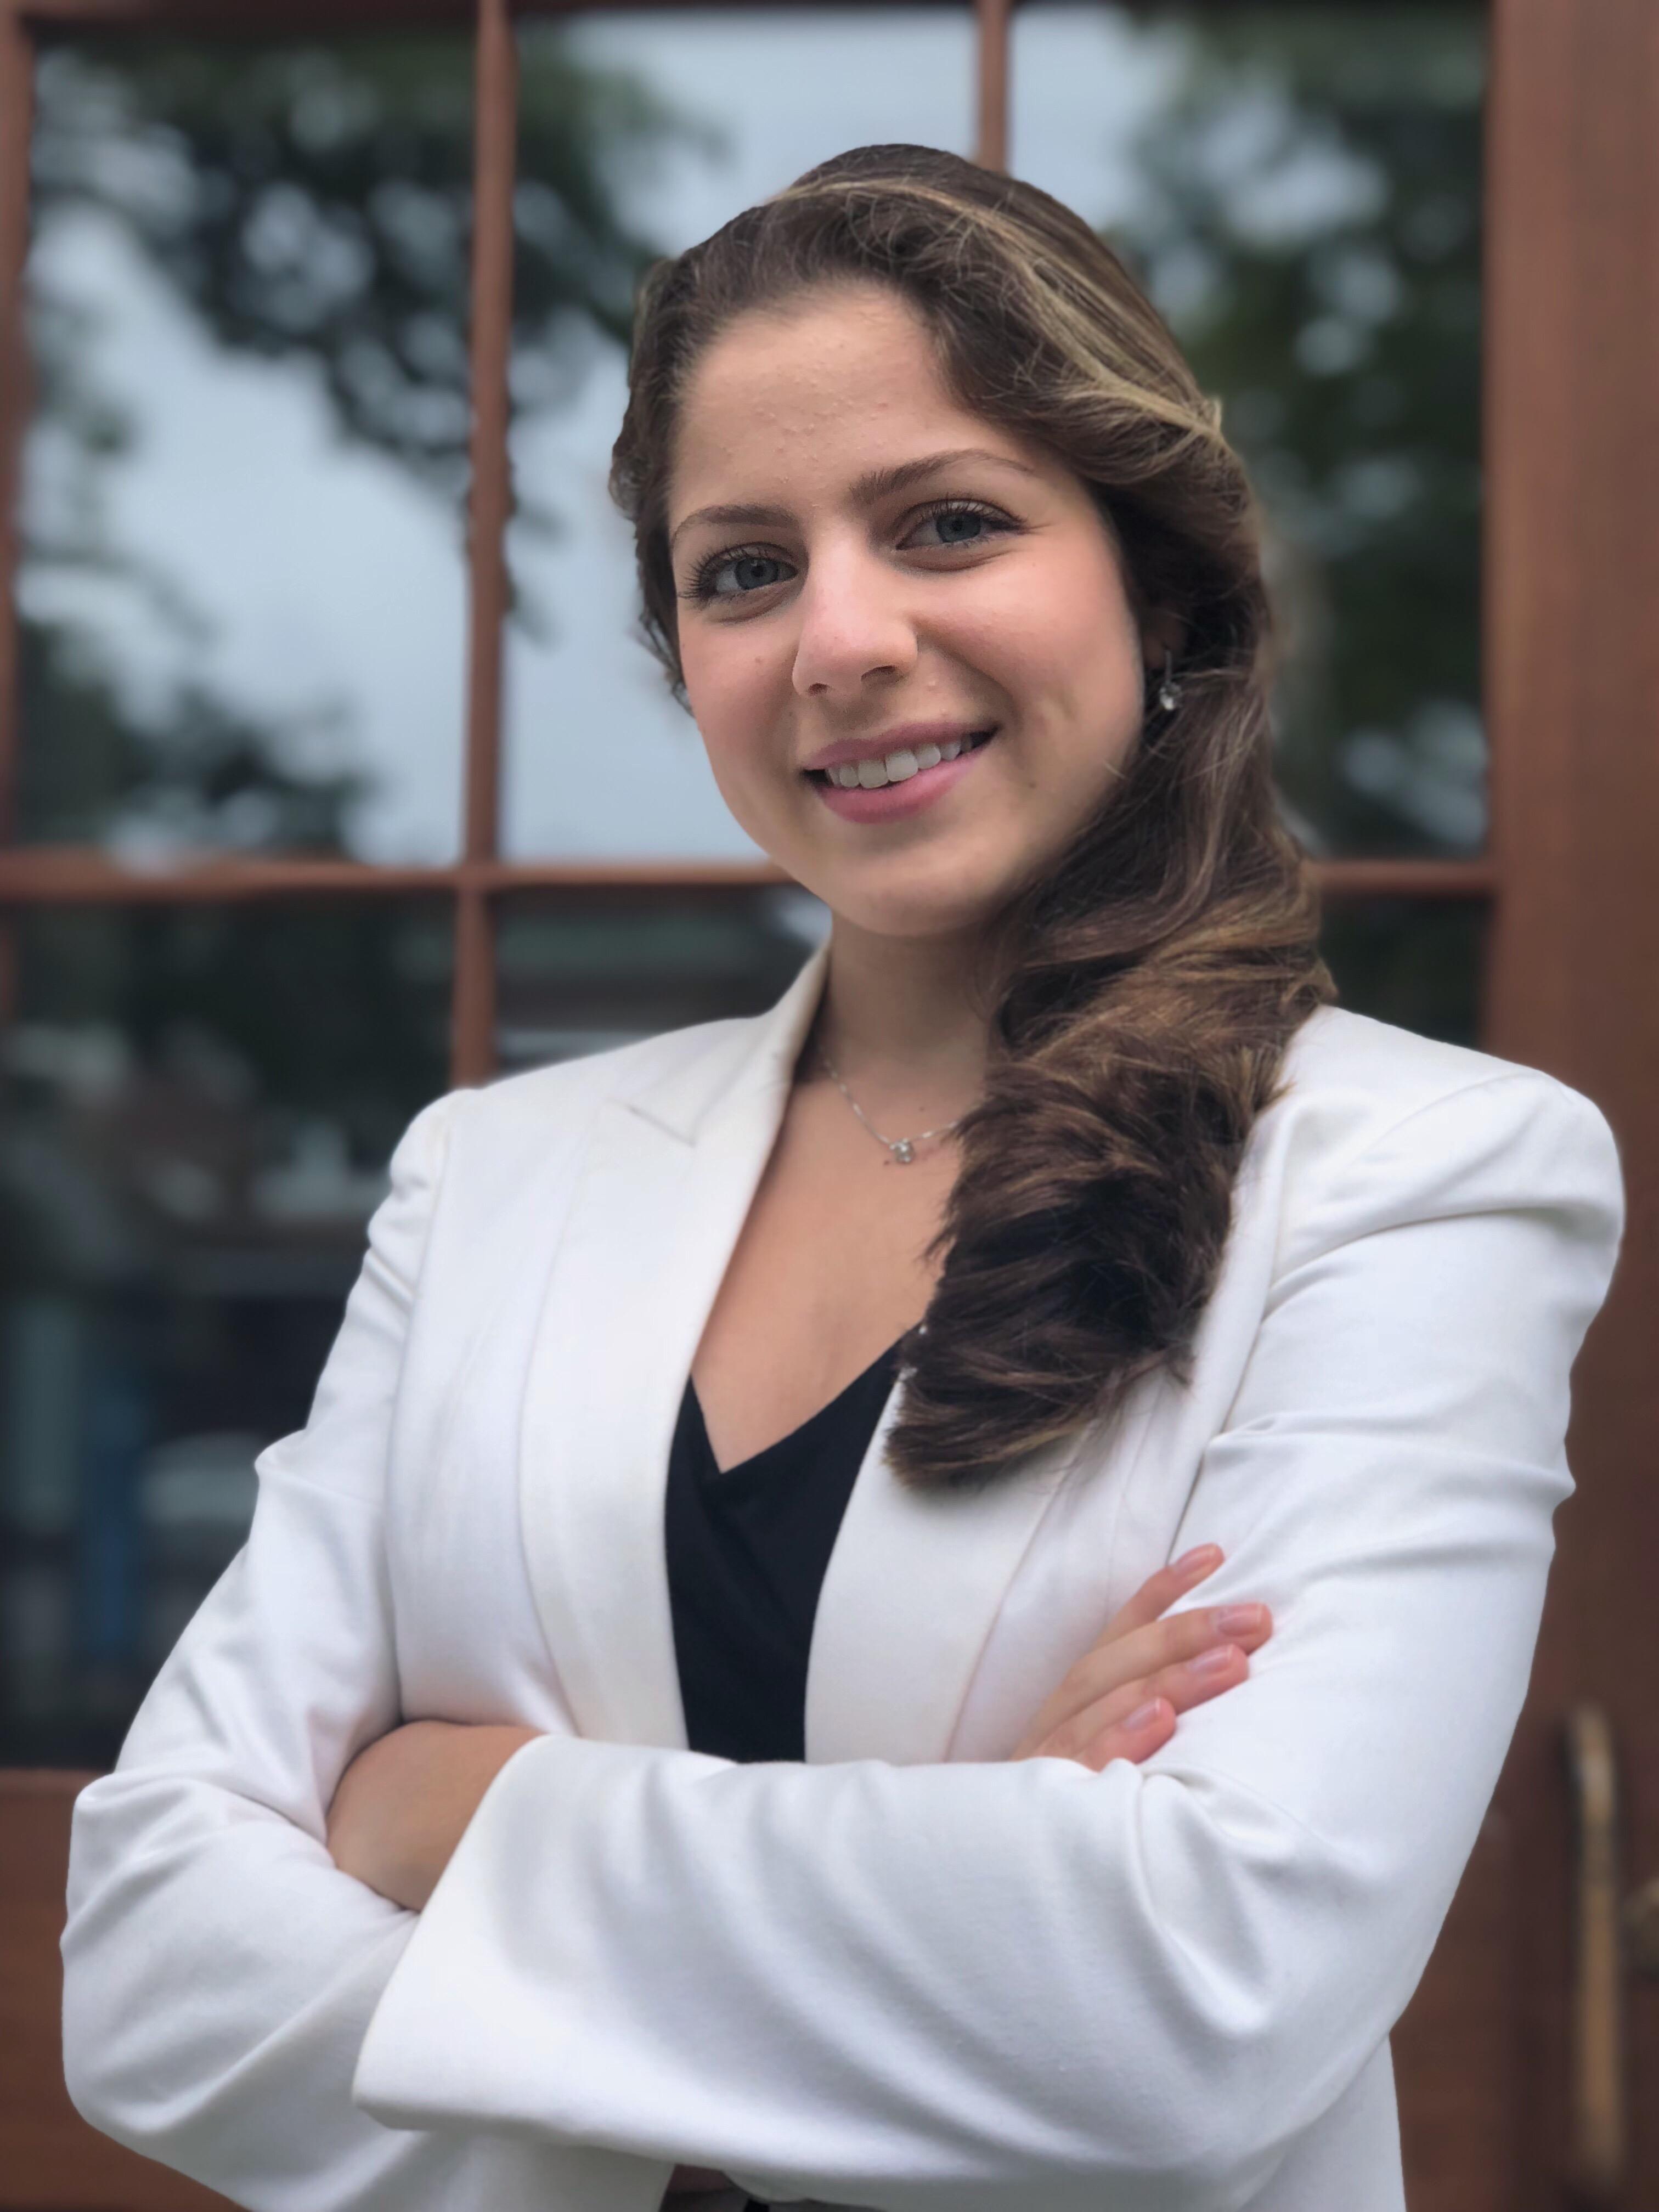 Jane Kayarian, ACE Peer Mentor